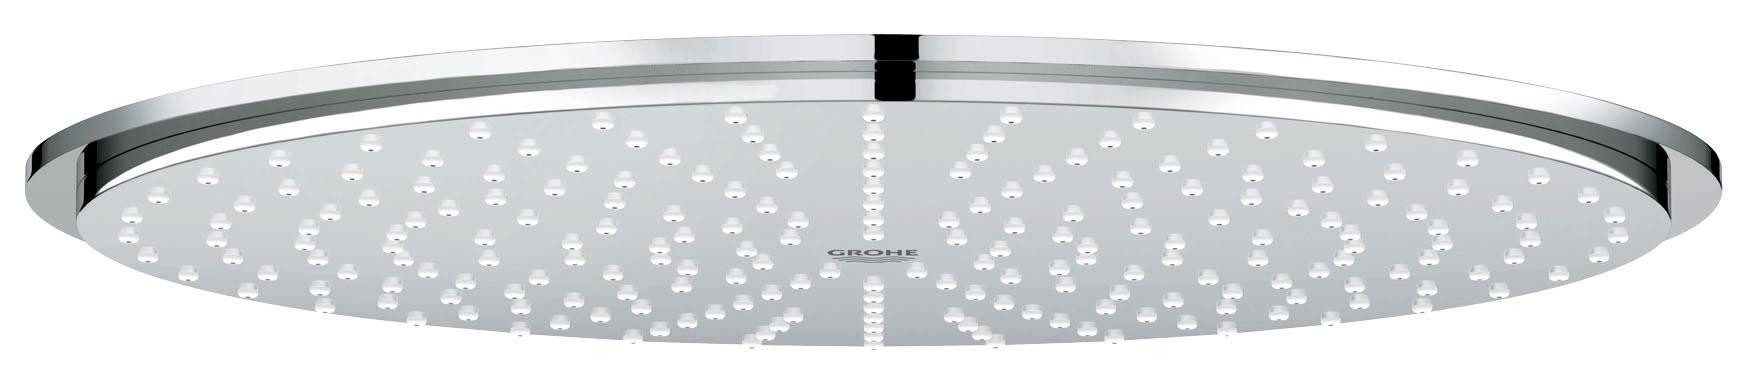 Верхний душ GROHE Rainshower (27477000)27477000Rain Металл O 310 мм Резьбовое соединение 1/2? Шаровой шарнир с углом поворота 20° ± 20° С системой SpeedClean против известковых отложений Может использоваться с проточным водонагревателем GROHE StarLight хромированная поверхность GROHE DreamSpray превосходный поток воды